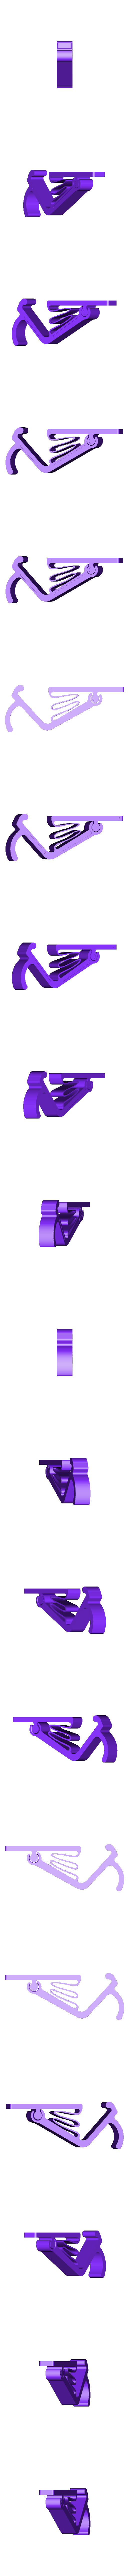 crochet_Hook_flat_version.stl Télécharger fichier STL gratuit Crochet à torchon - Kitchen towel hook • Design à imprimer en 3D, 3DIYCaptain